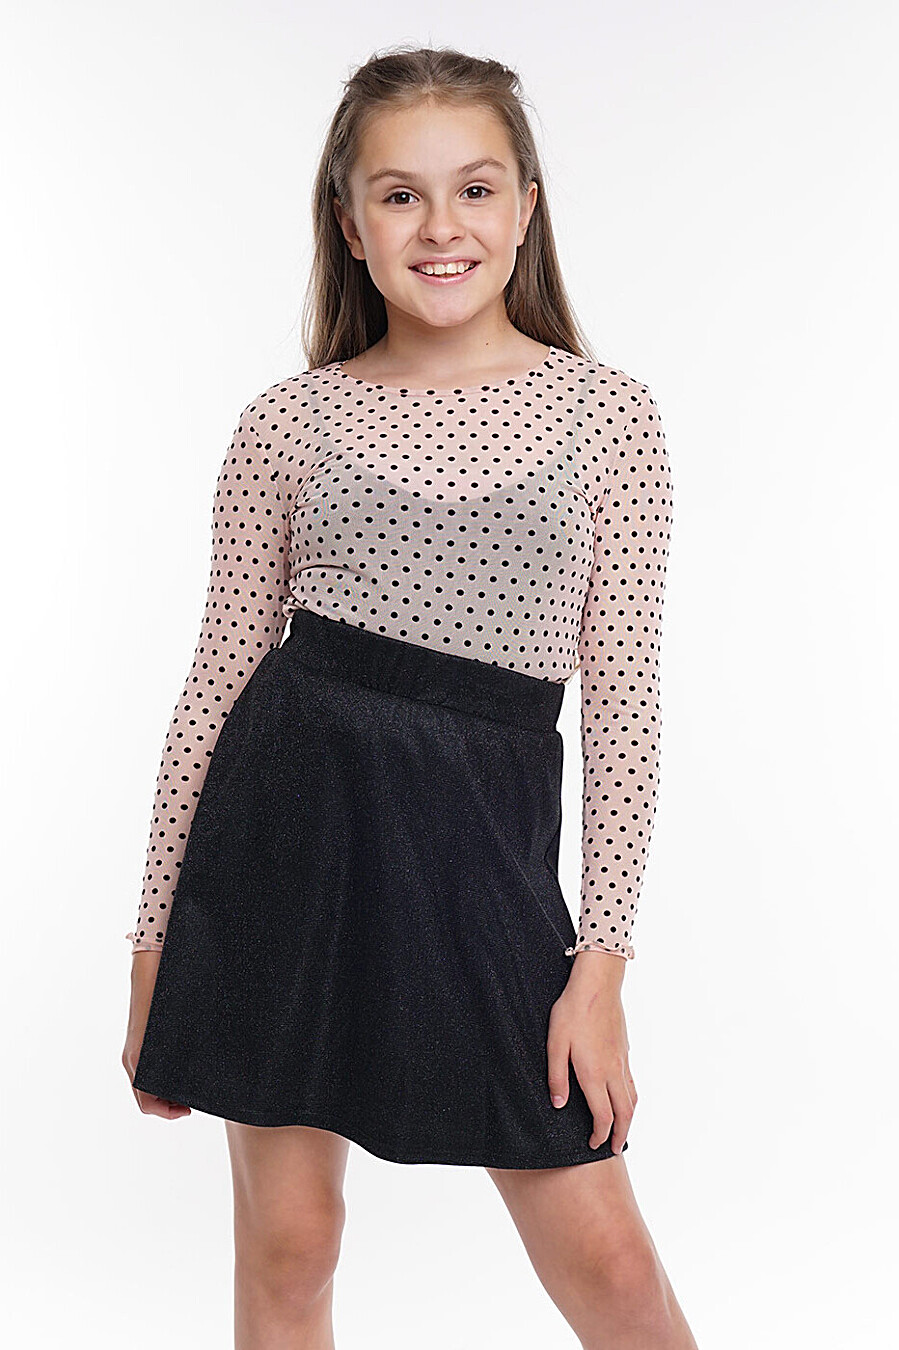 Блузка для девочек CLEVER 272896 купить оптом от производителя. Совместная покупка детской одежды в OptMoyo